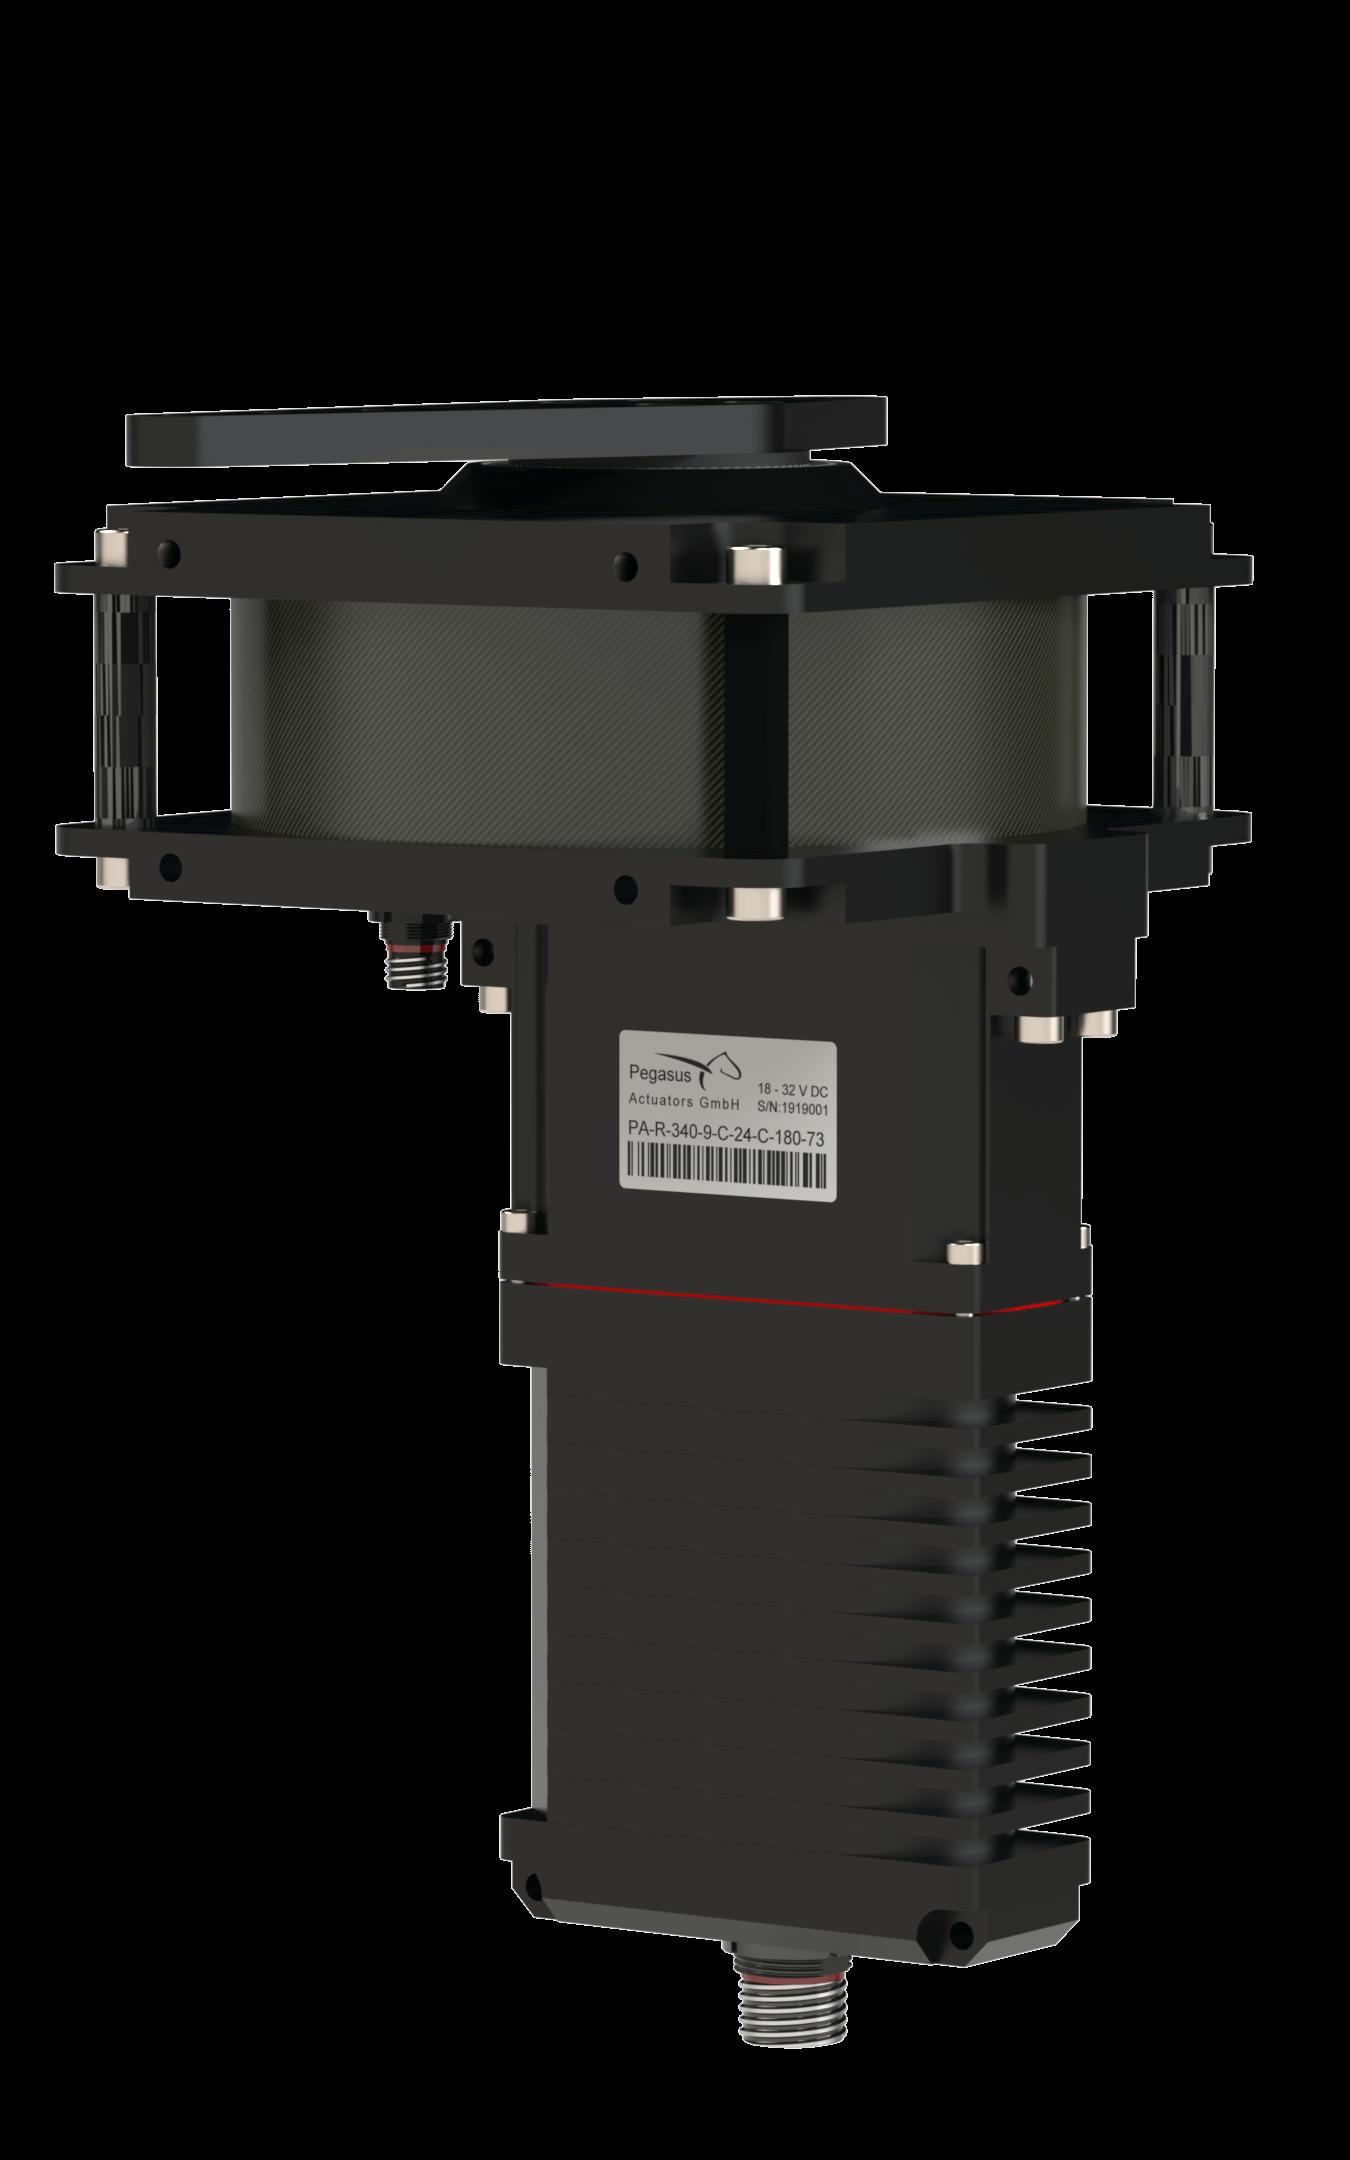 PA-R-340-9-OPV Actuators